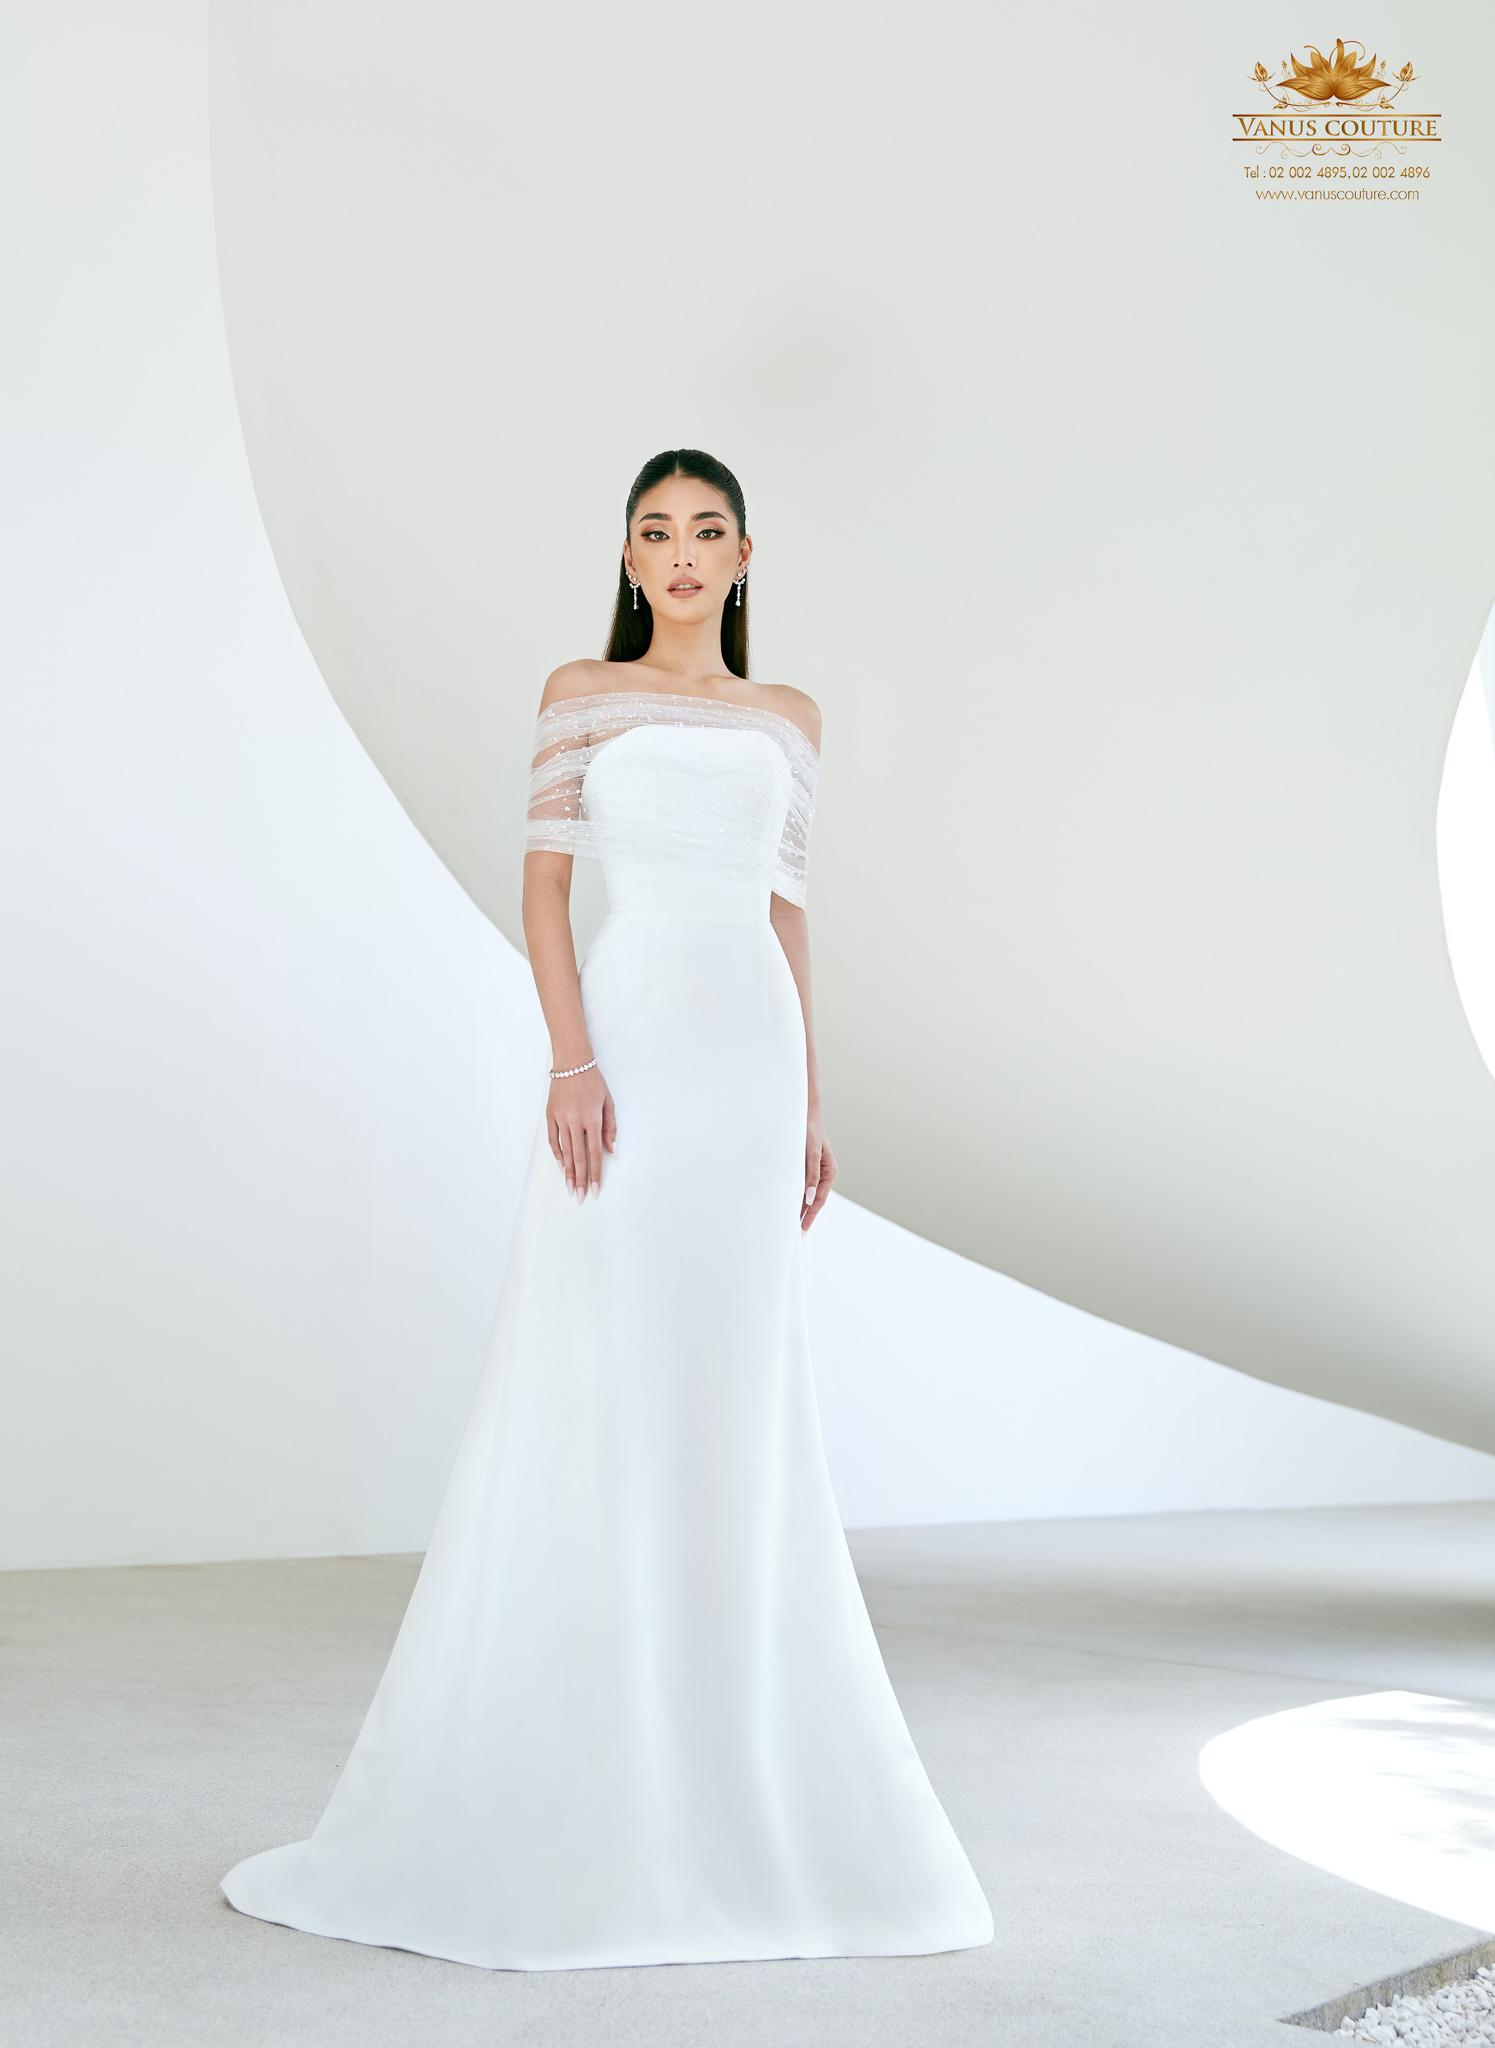 Minimal Wedding Dress - Zorzo 03